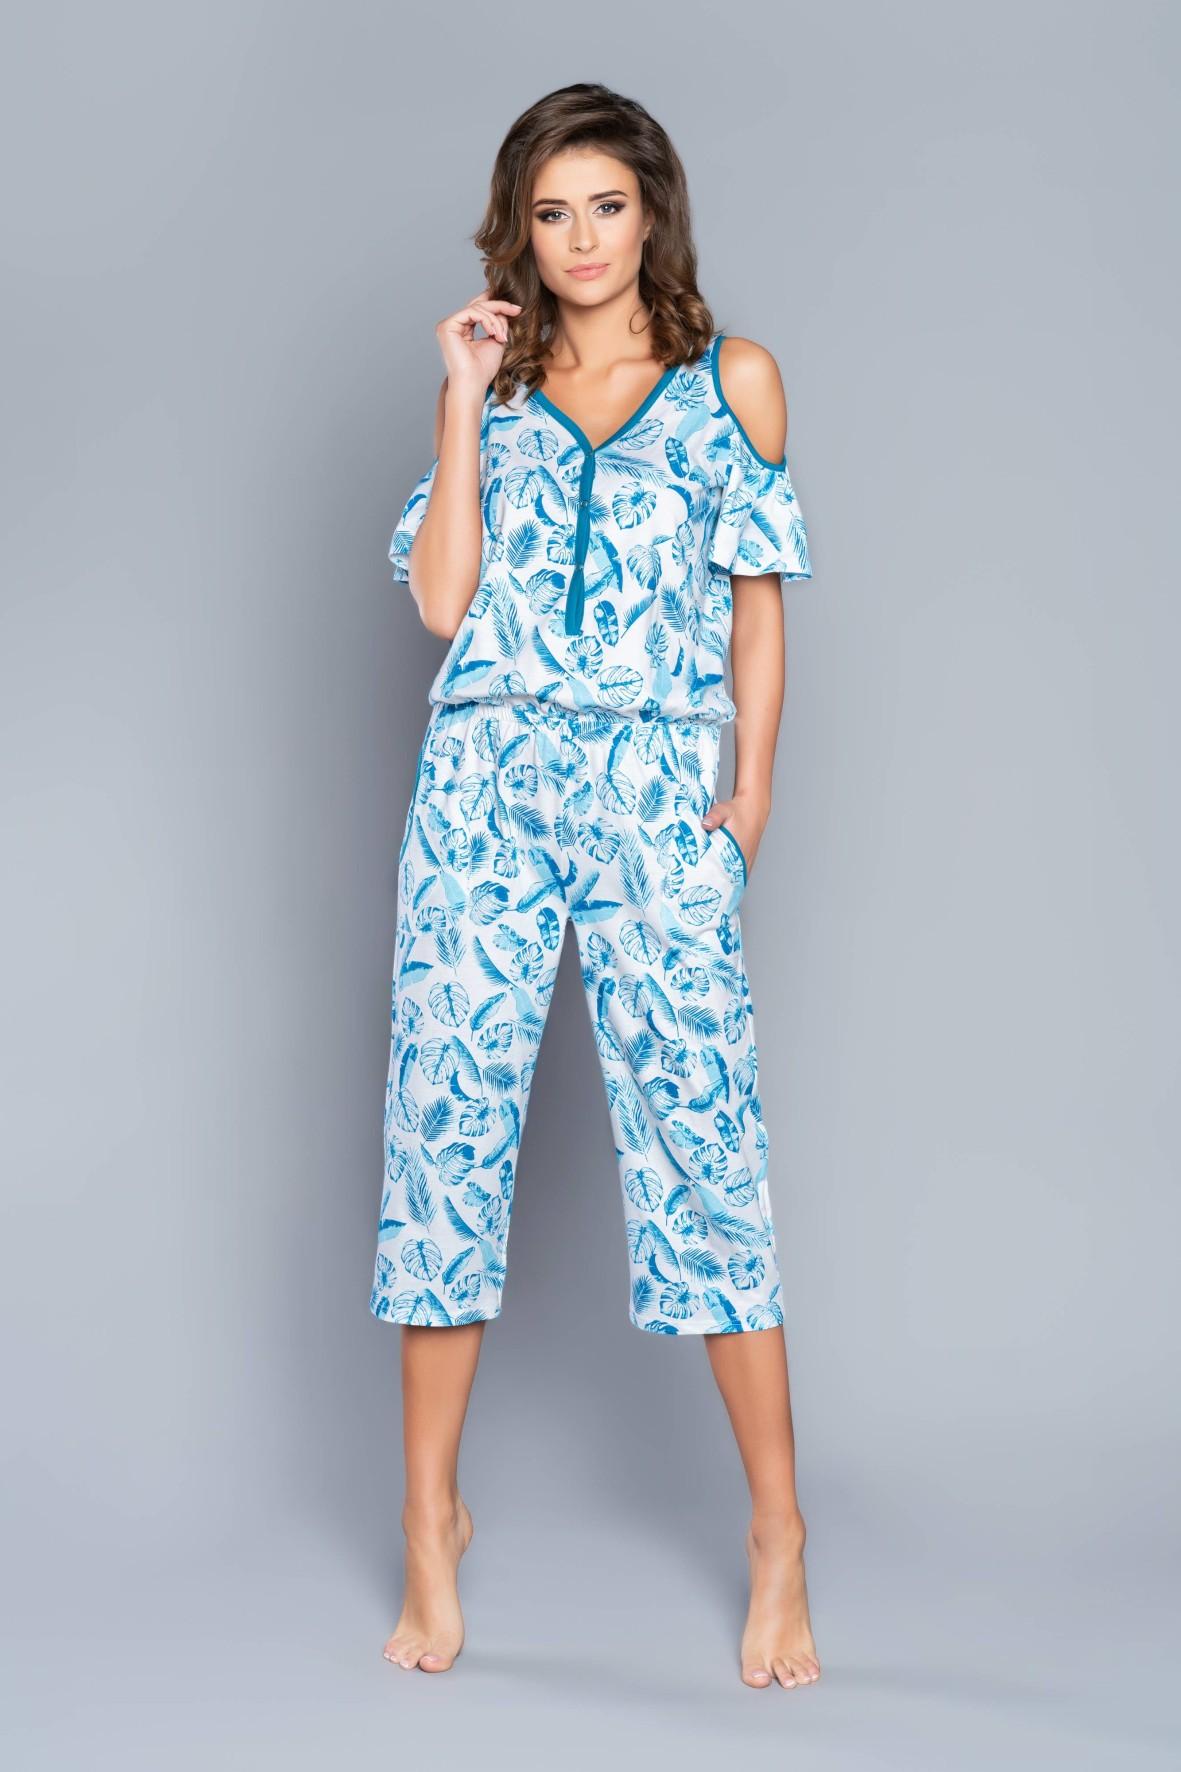 Biała jednoczęściowa piżama damska w niebieskie listki z odkrytymi ramionami - spodnie 3/4 nogawka